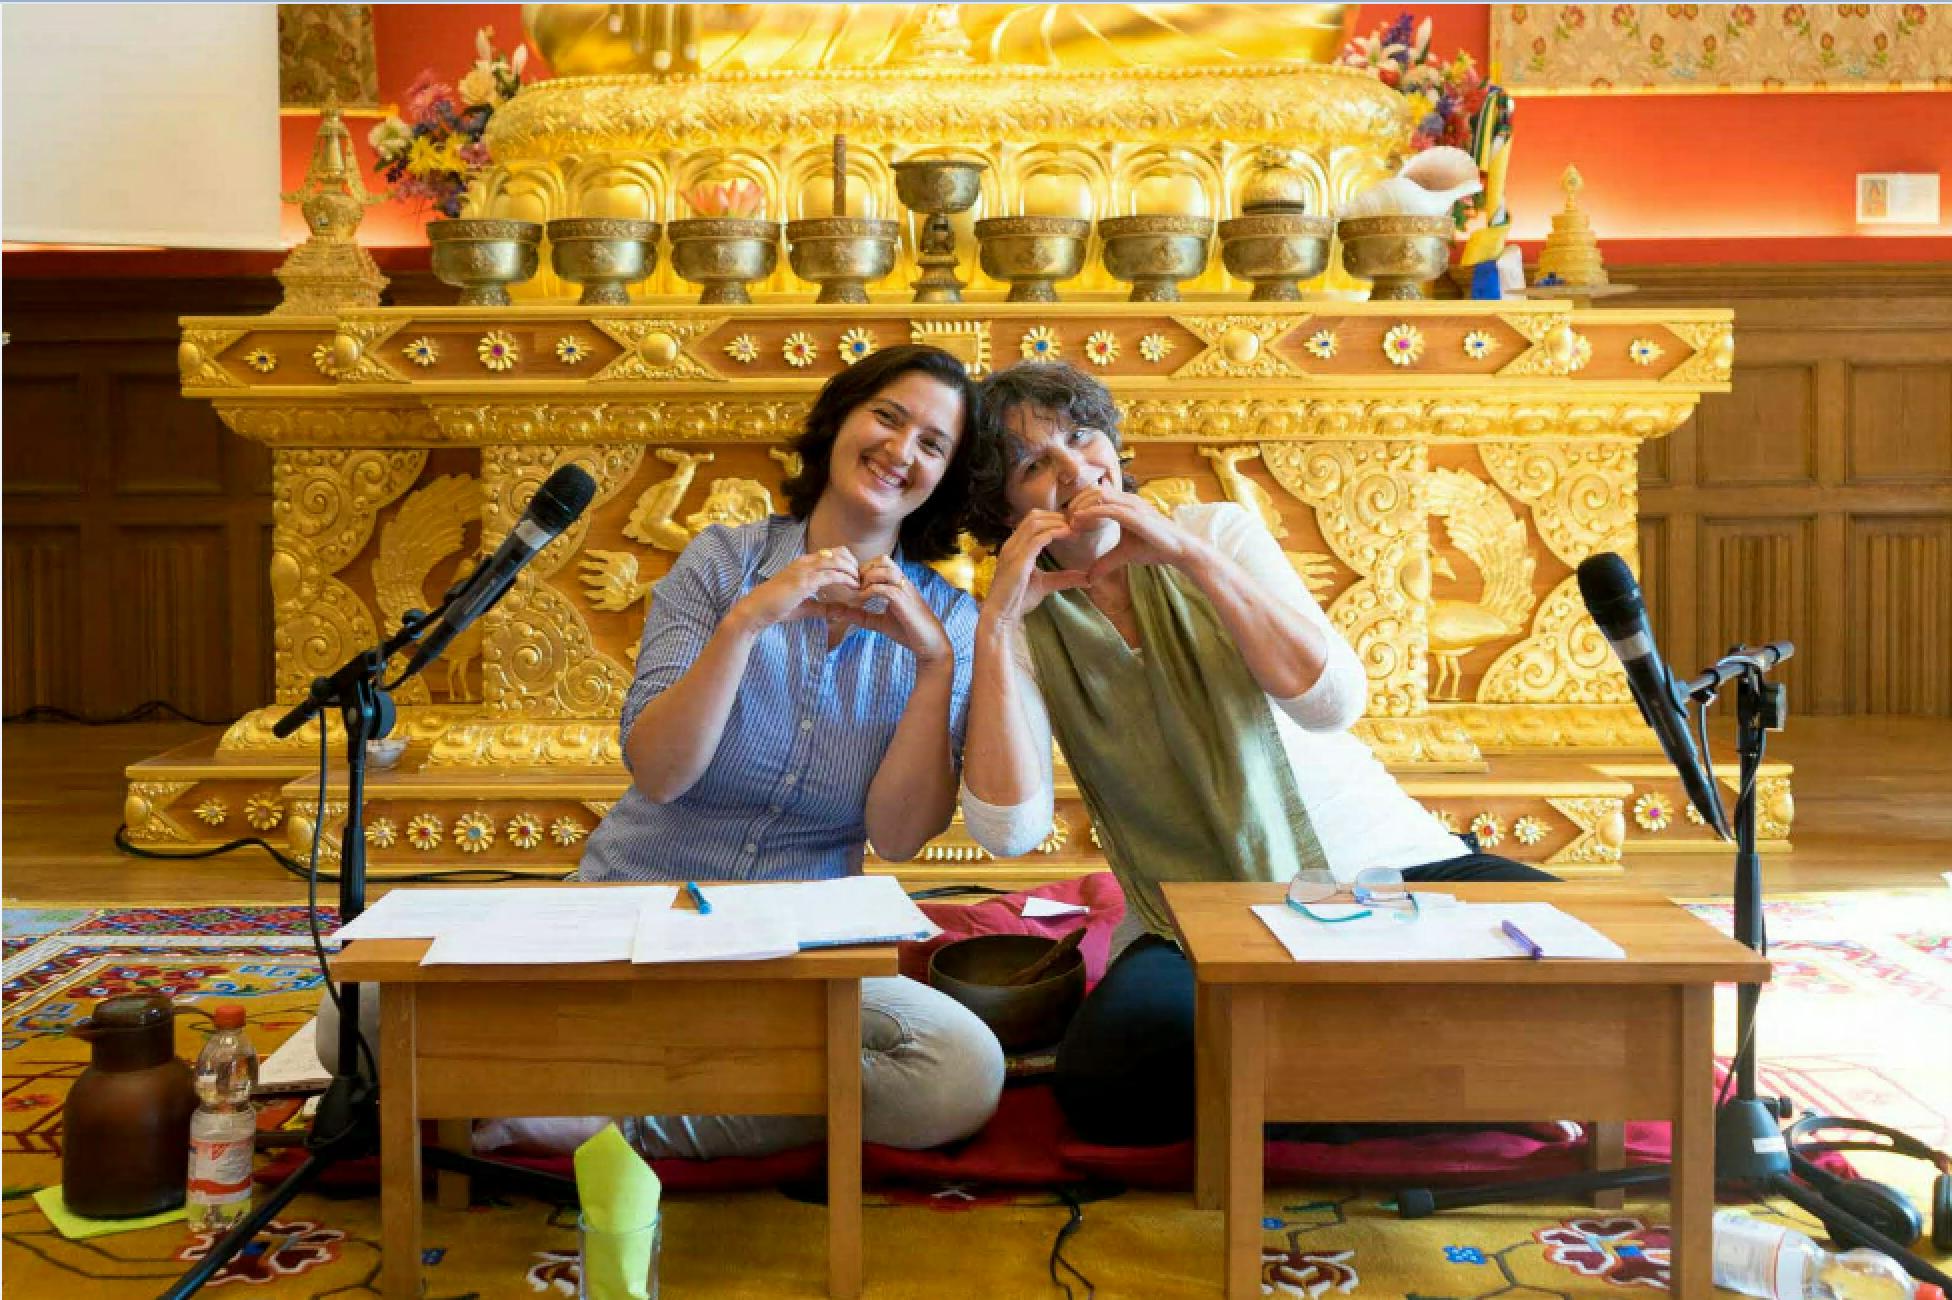 Verena und Karin, Sieben Punkte des Geistestraining, Dharma Mati Berlin (Mai 2018)